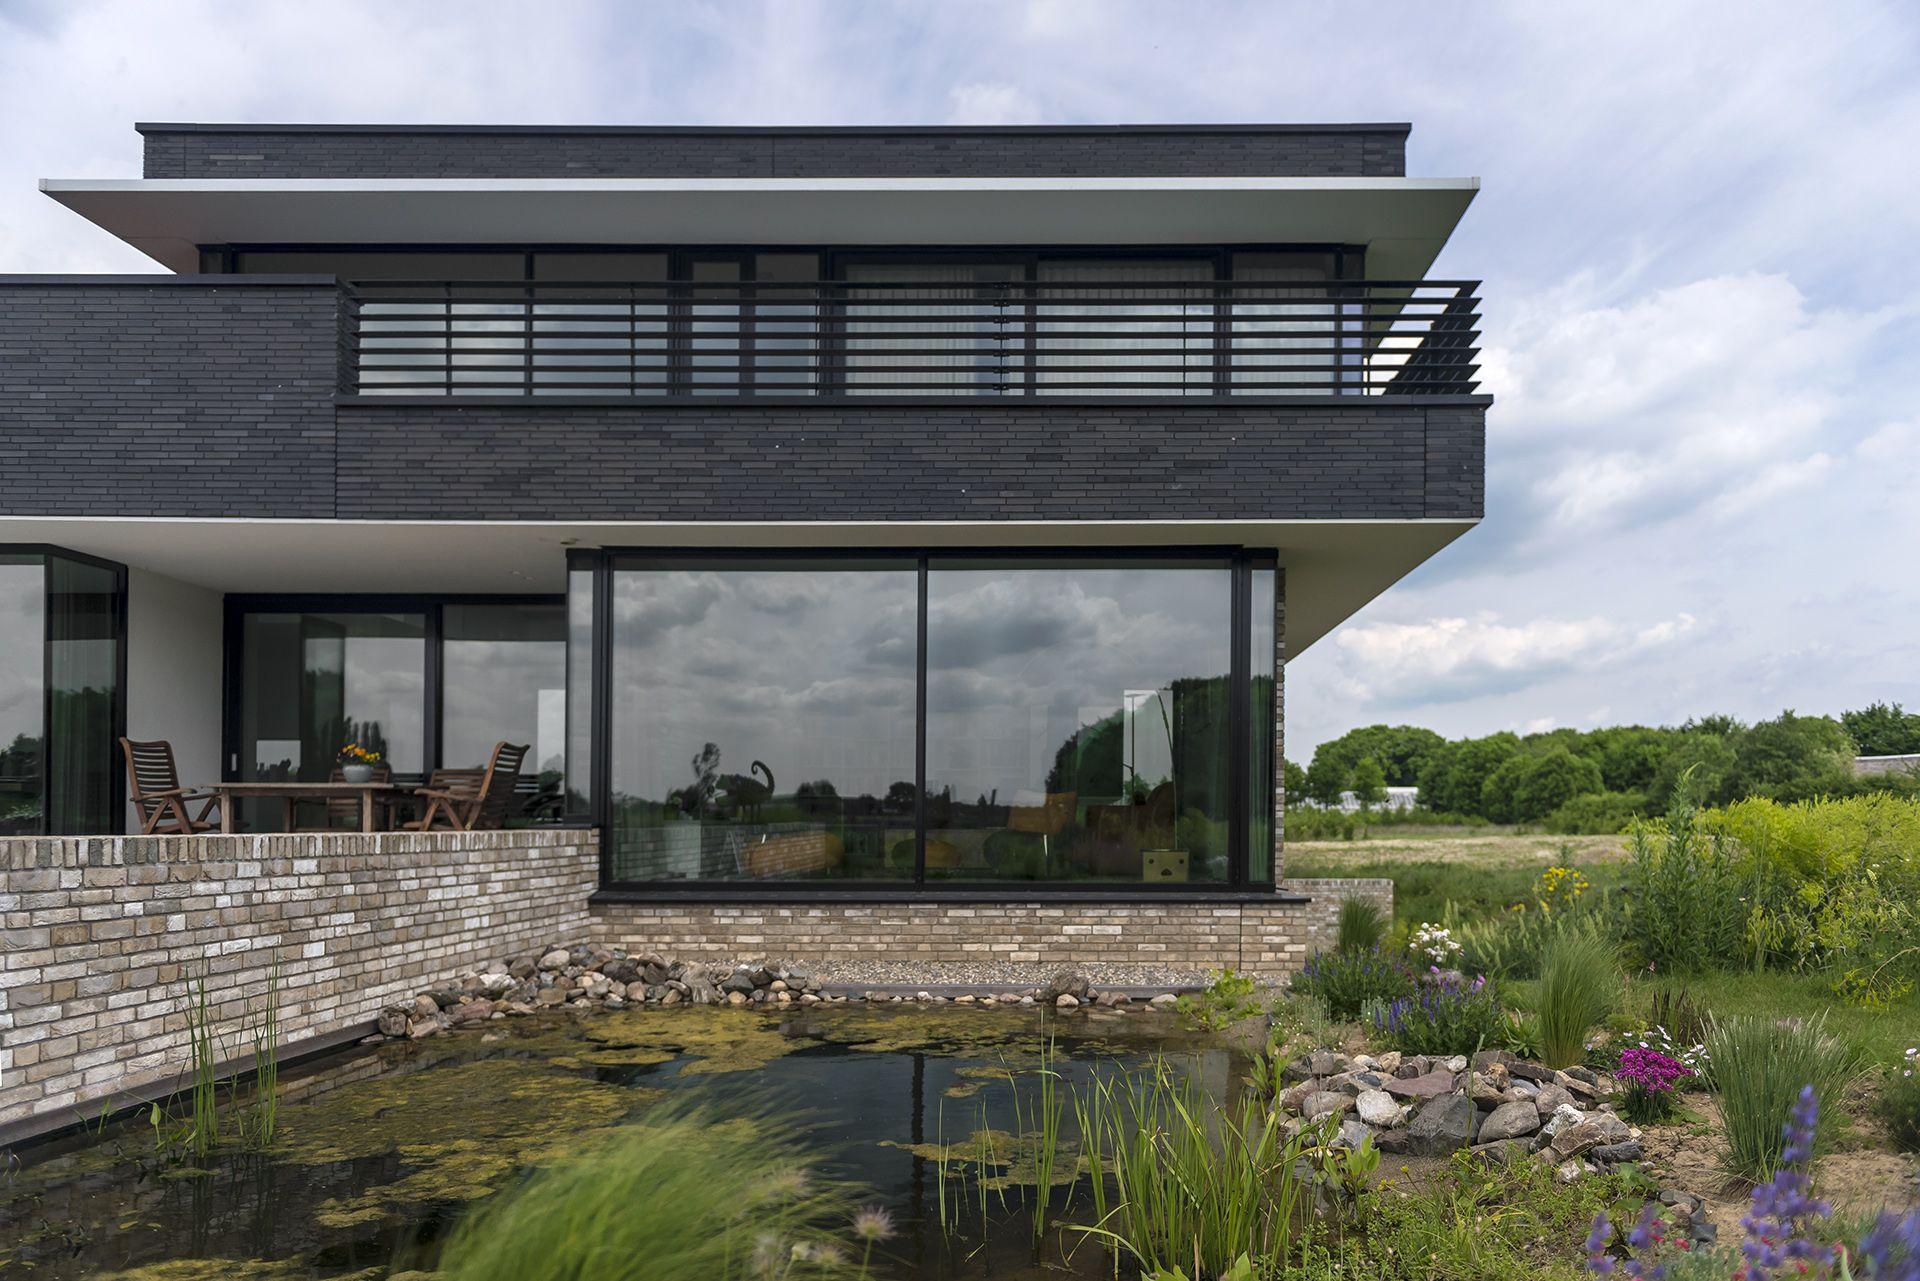 Woonhuis deventer modern architecture architectuur huizen en